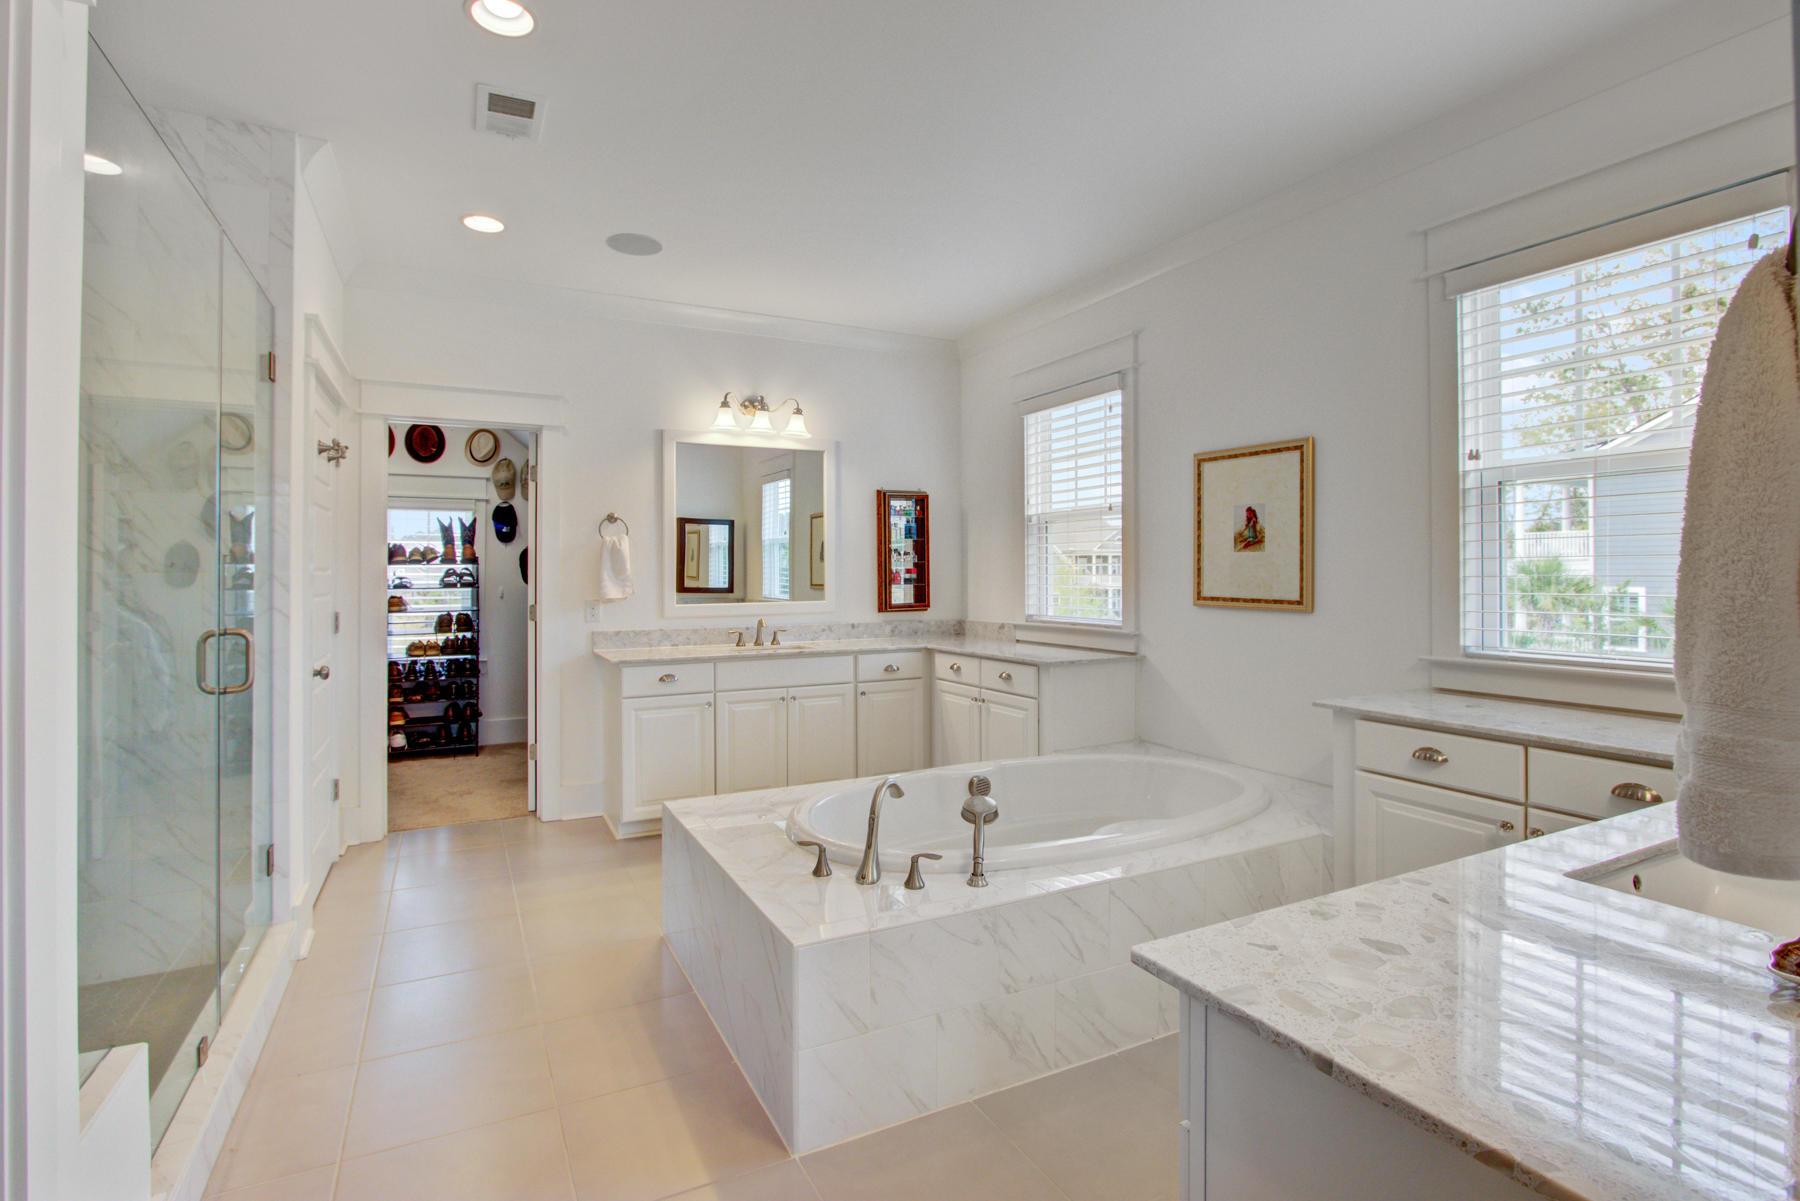 Dunes West Homes For Sale - 2984 Yachtsman, Mount Pleasant, SC - 61